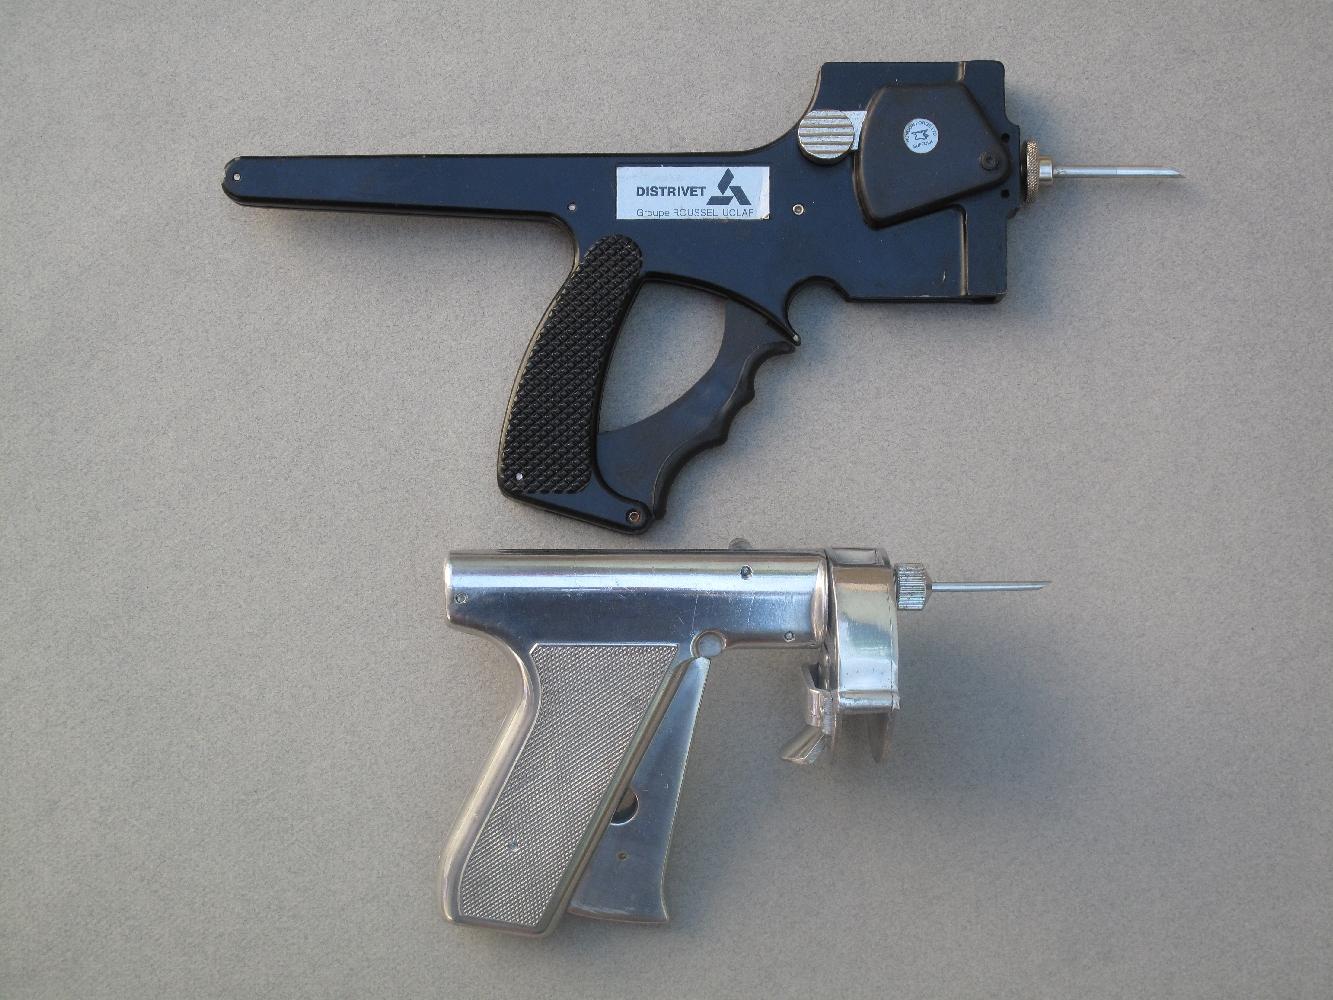 Voici deux anciens pistolets utilisés pour injecter des anabolisants (hormones de croissance) aux bovins. Celui du haut est un pistolet Distrivet, qui utilise un chargeur vertical de dix doses tandis que l'autre est un revolver RalOgun, qui se charge au moyen d'un barillet contenant vingt-quatre doses de produit.